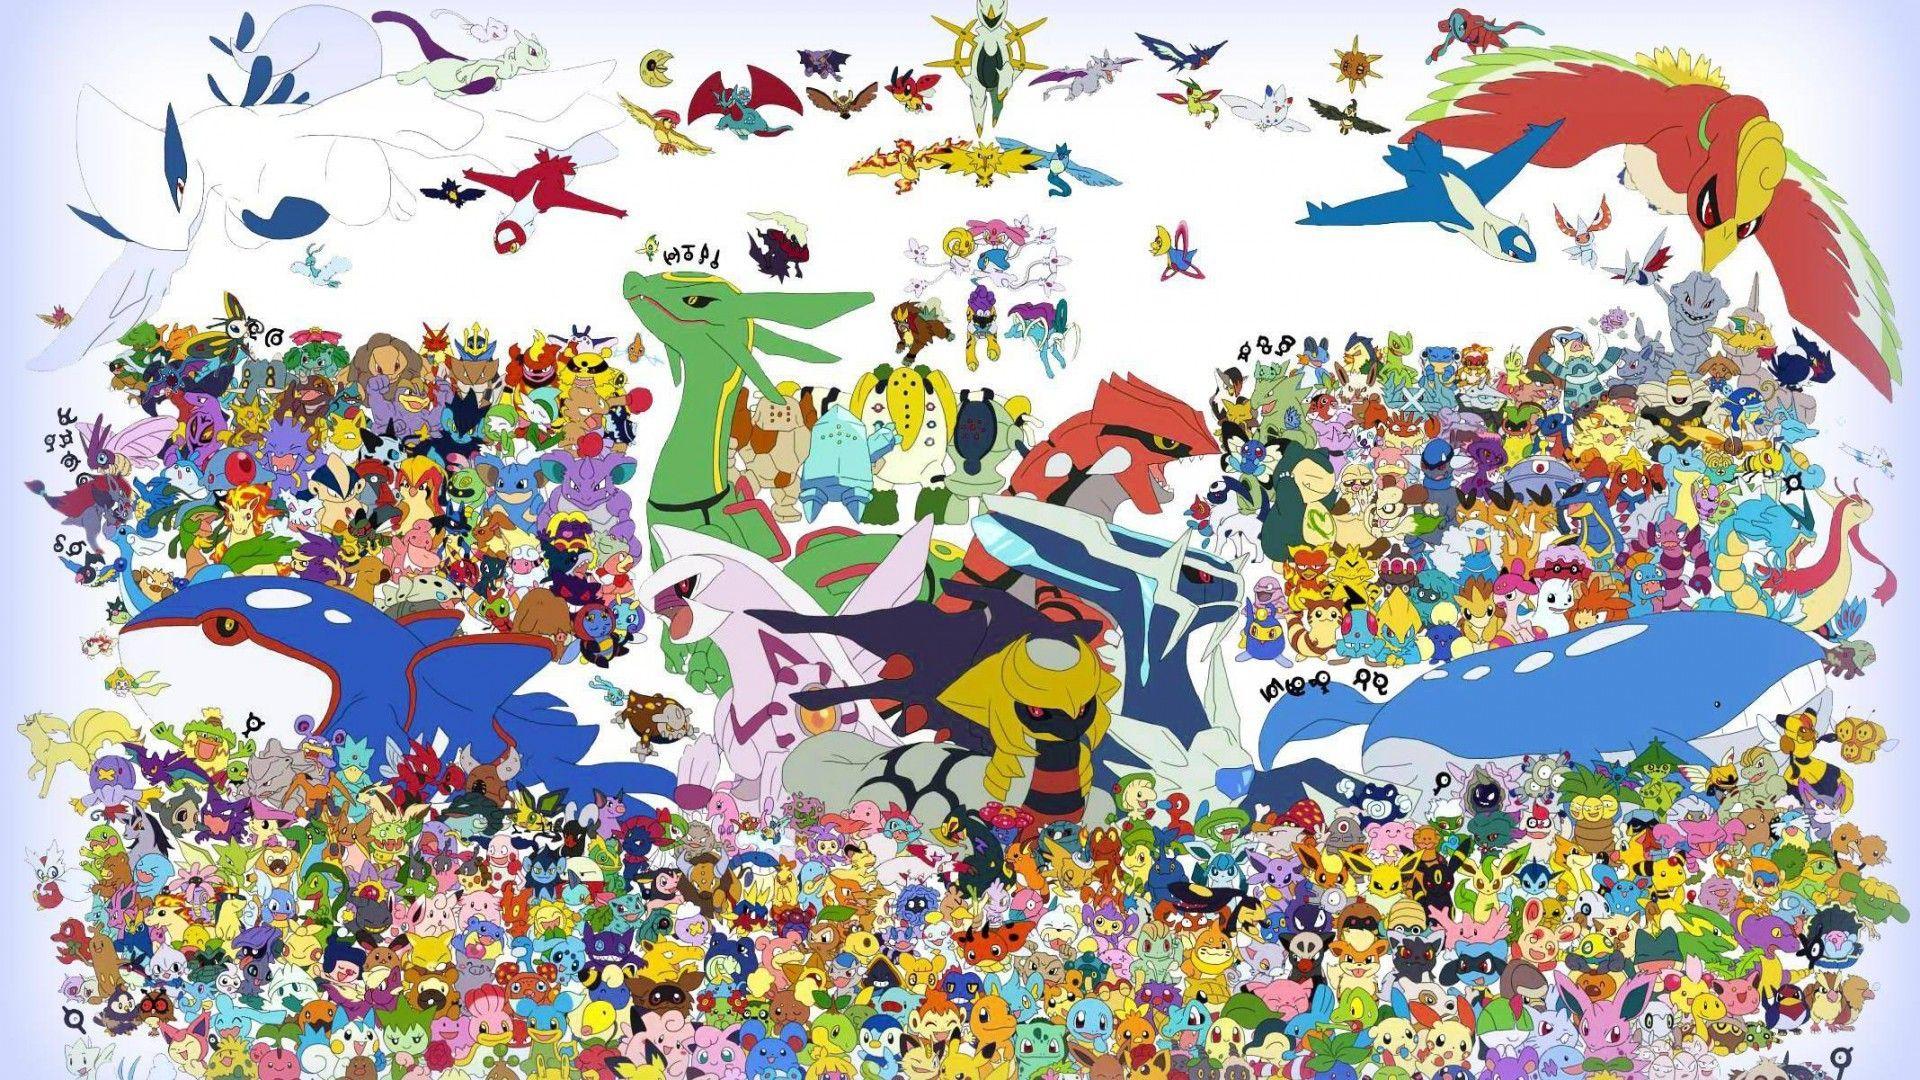 1920x1080 Fonds D A C Cran Pokemon Tous Les Wallpapers Pokemon Cool Pokemon Wallpapers Cute Pokemon Wallpaper Anime Wallpaper 1920x1080